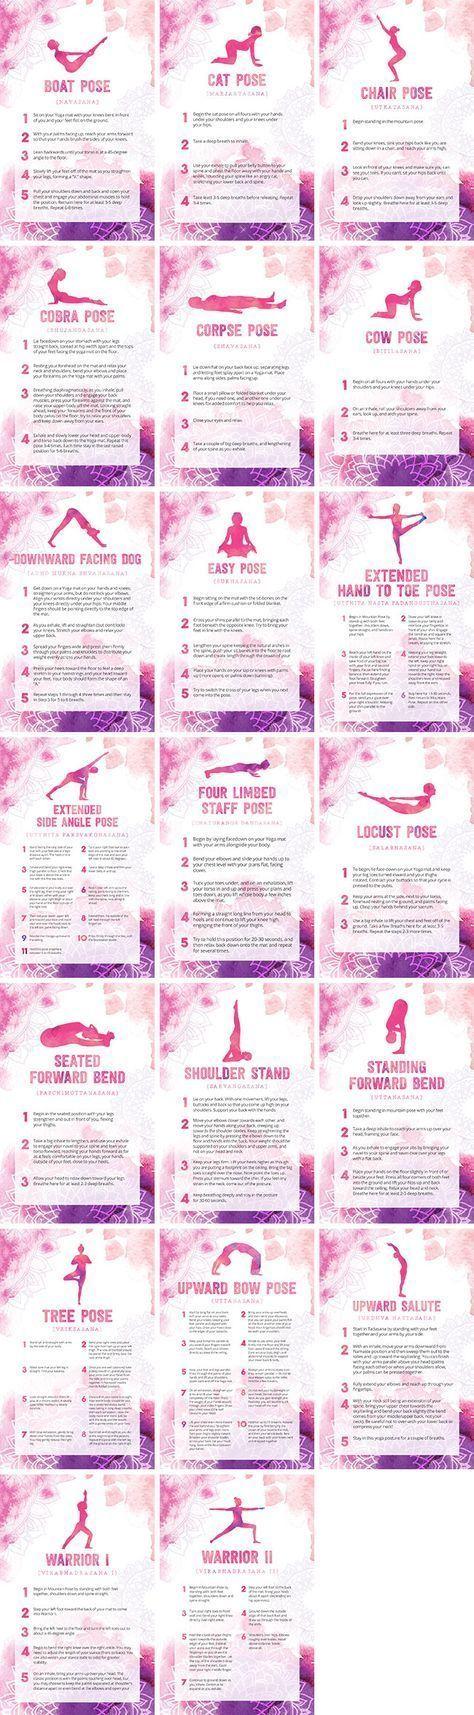 Bien connu Les 25 meilleures idées de la catégorie Yoga sutra sur Pinterest  KN43